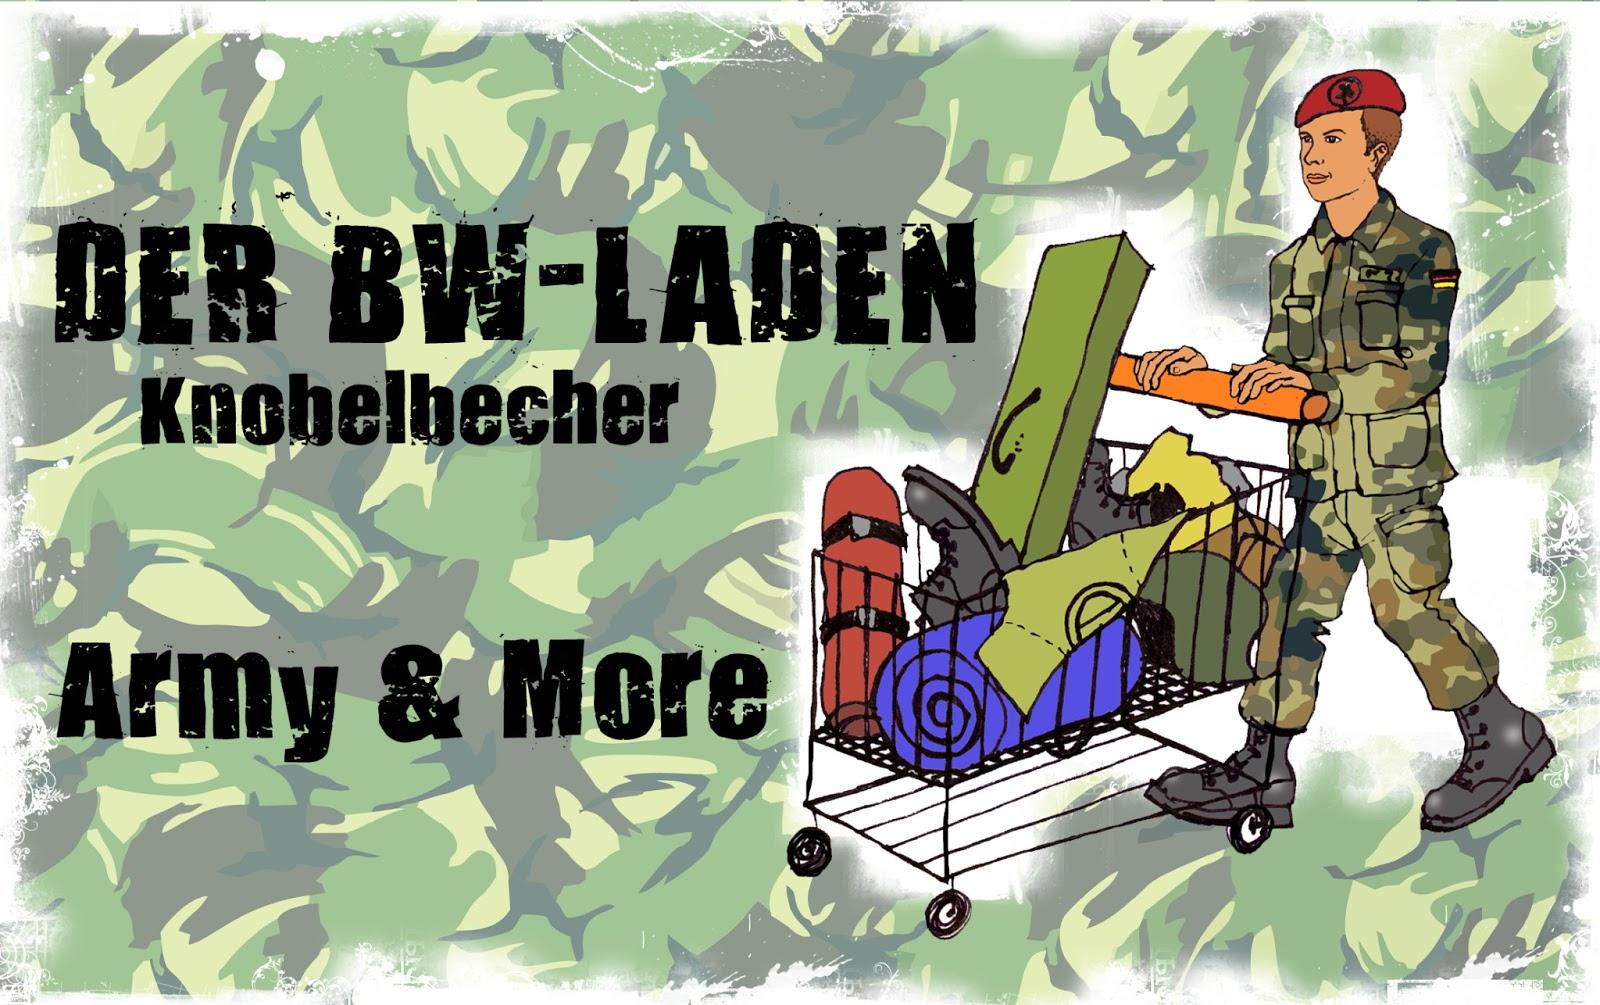 Bw Laden Münster